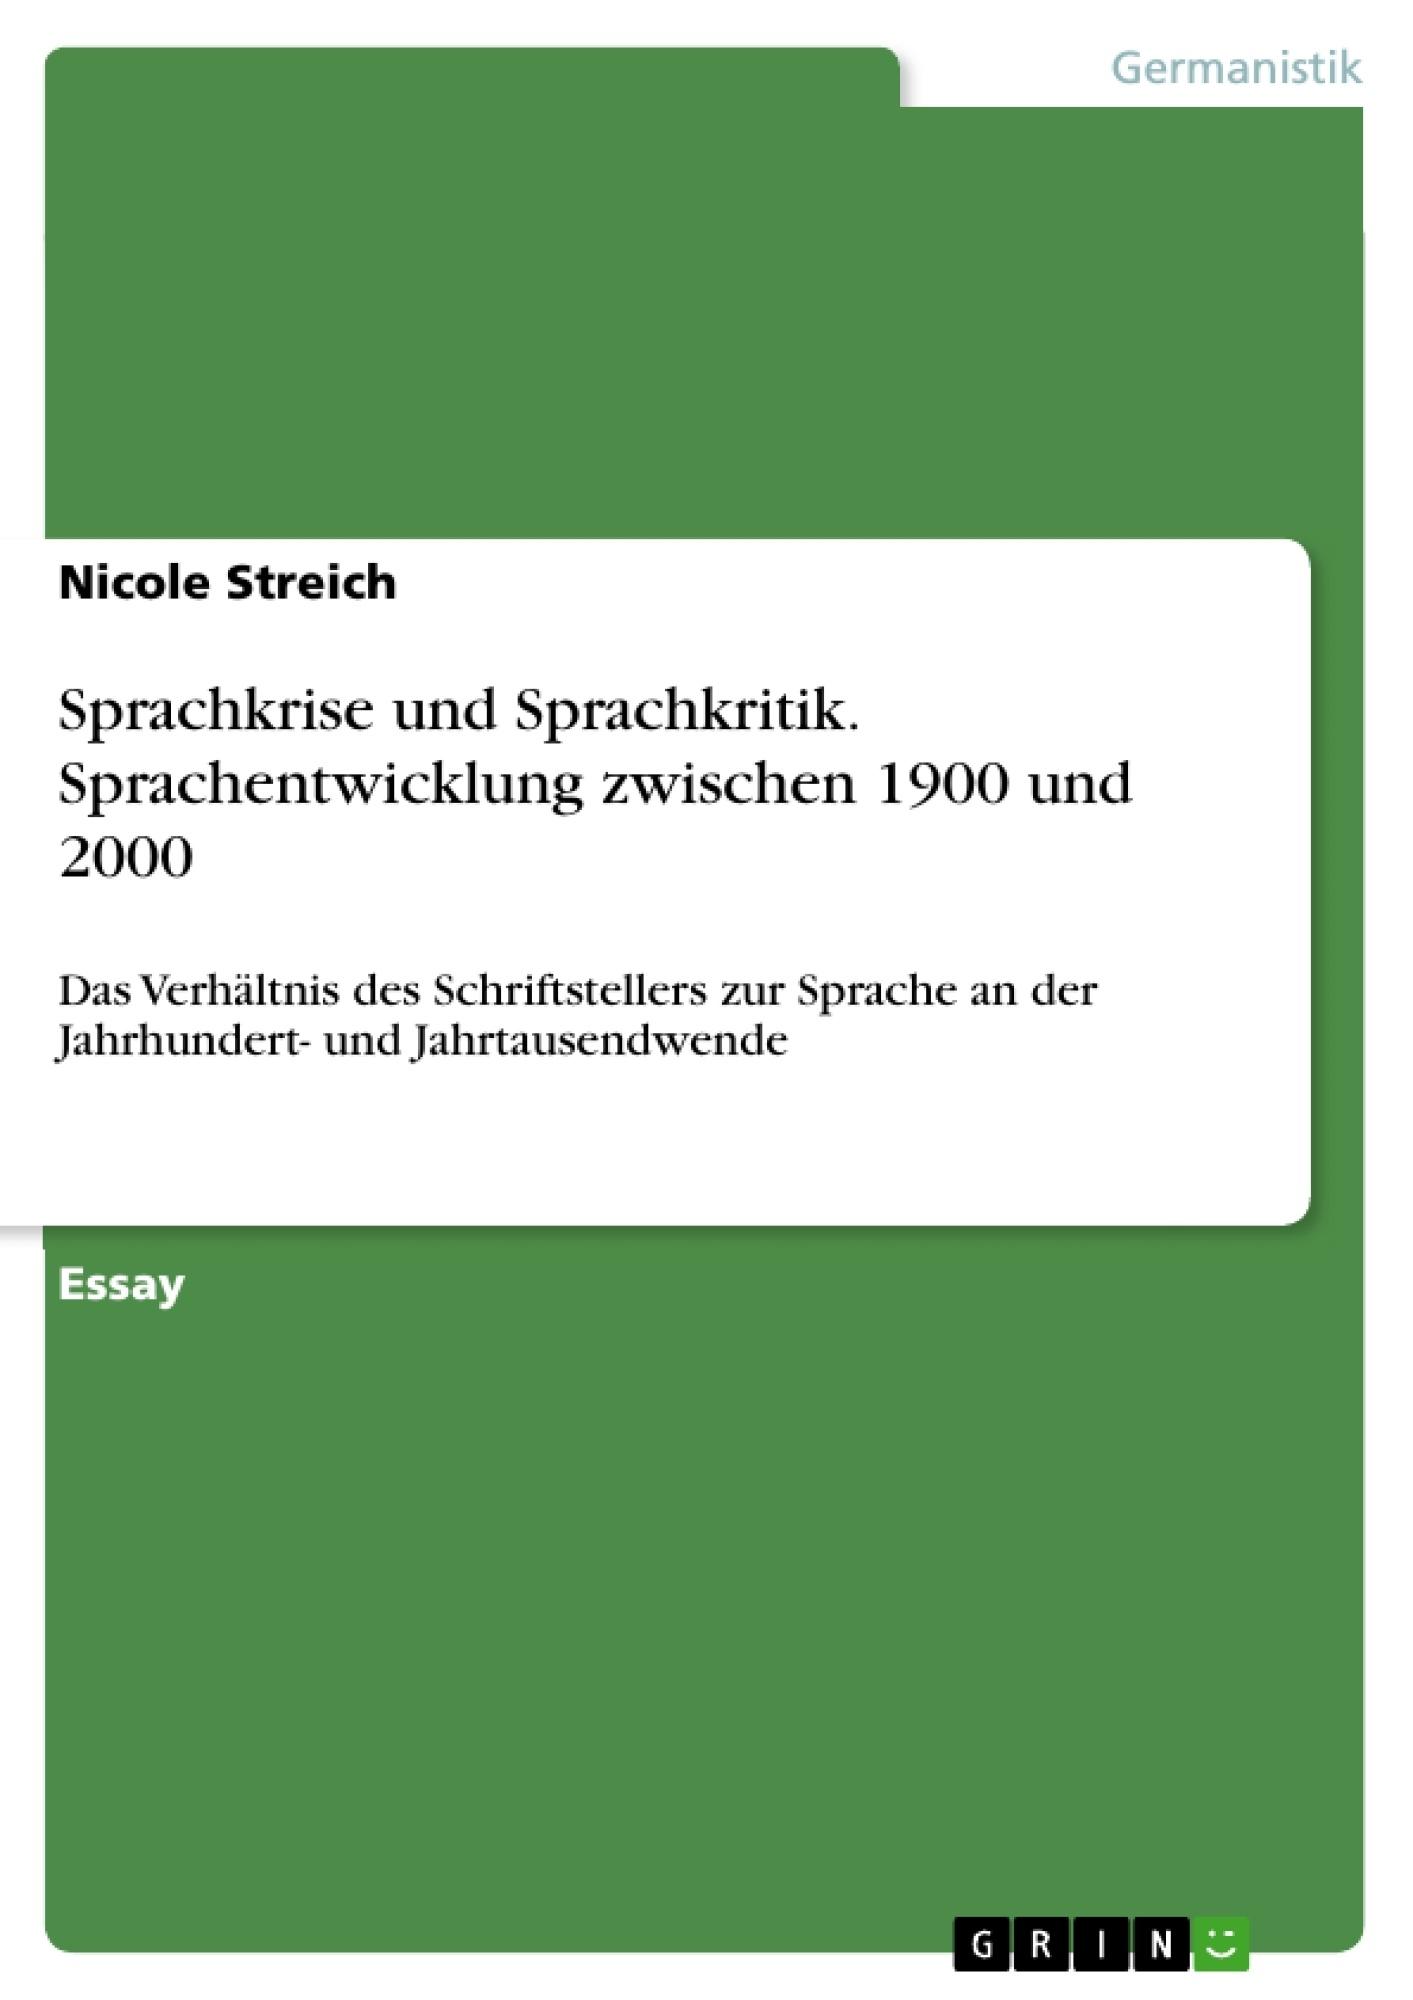 Titel: Sprachkrise und Sprachkritik. Sprachentwicklung zwischen 1900 und 2000